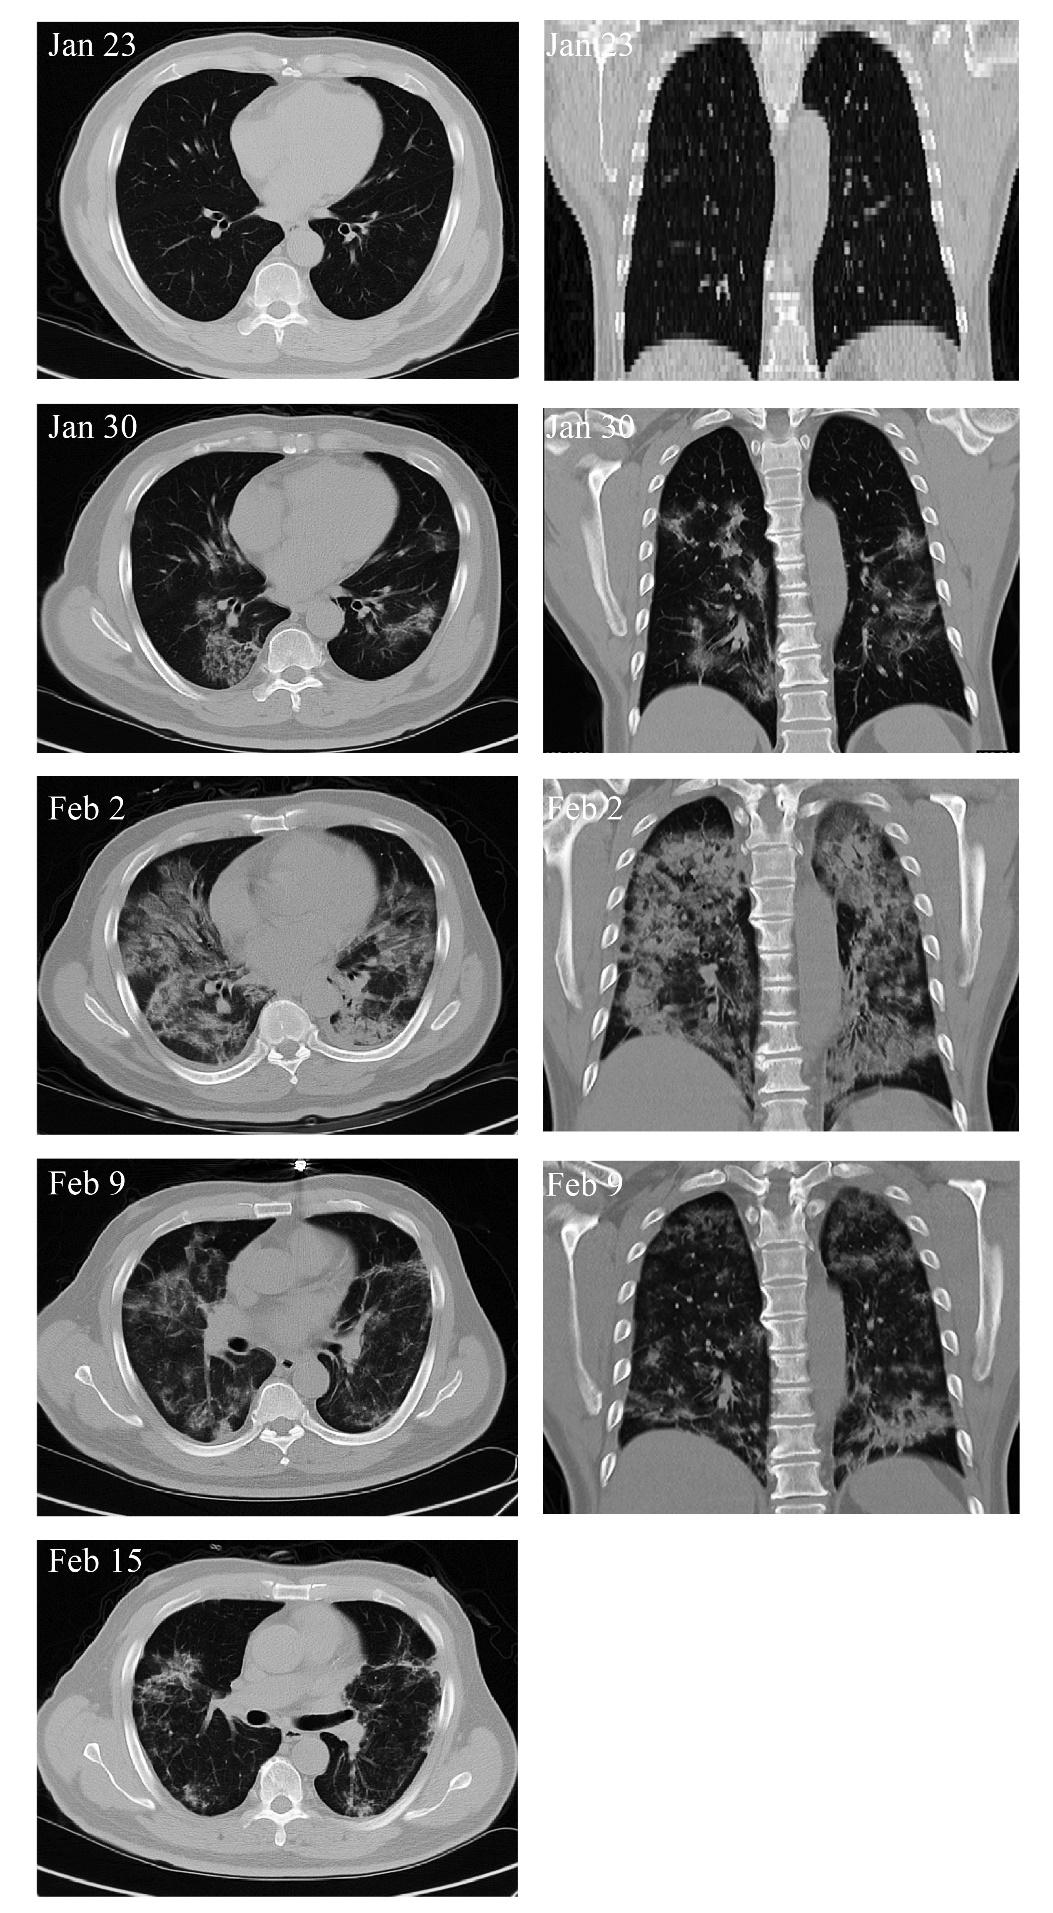 Hình ảnh chụp cắt lớp vi tính (CT) ngực của bệnh nhân Covid-19.